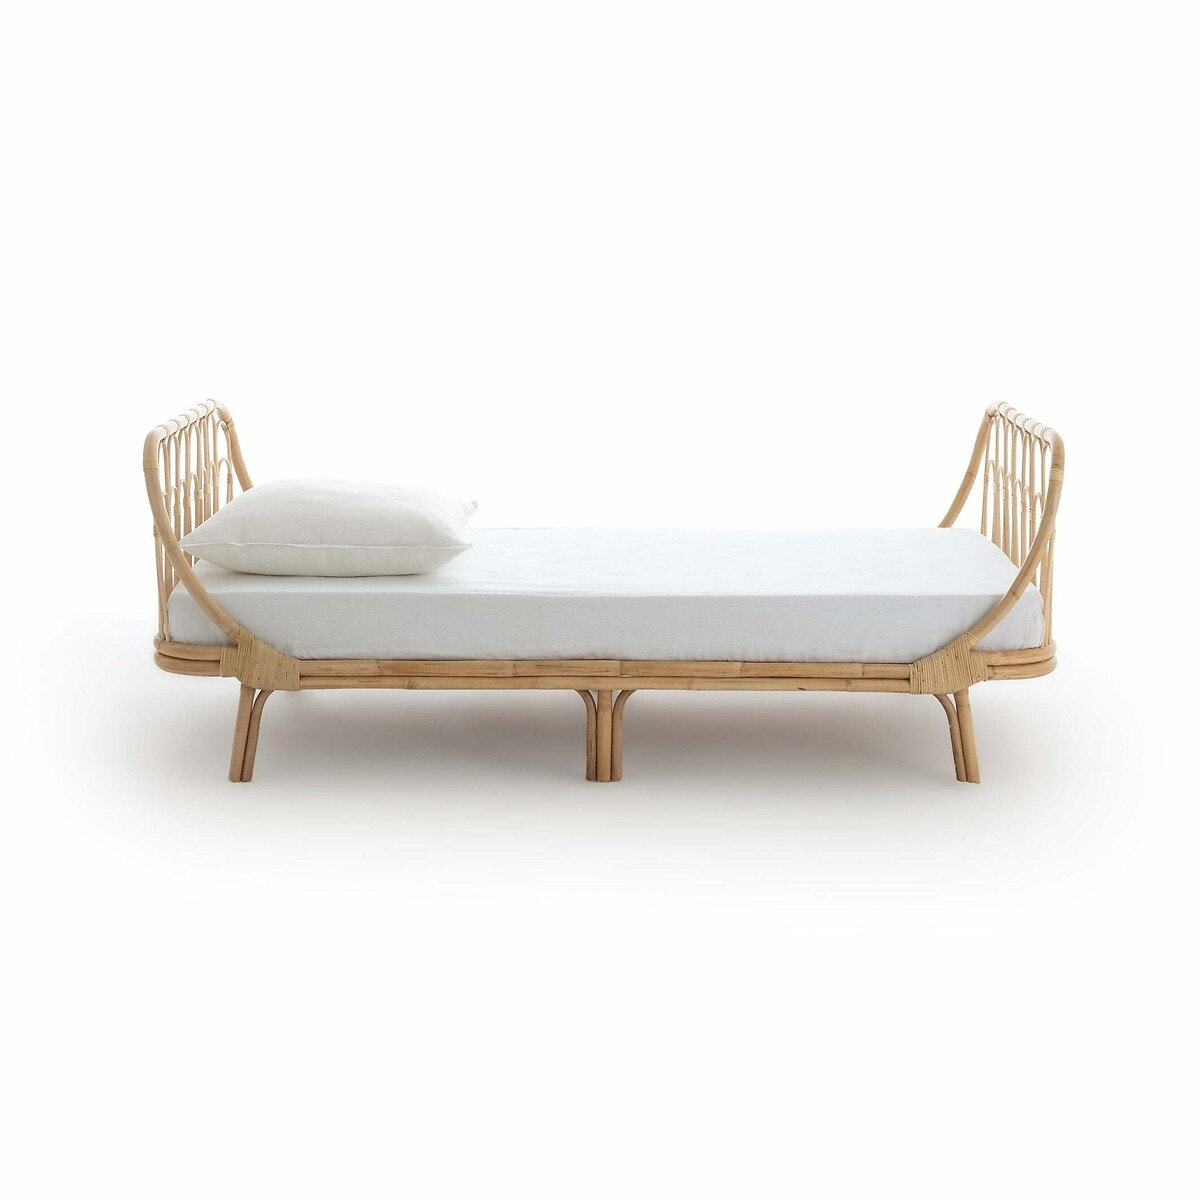 Παιδικό κρεβάτι από ρατάν, Meido